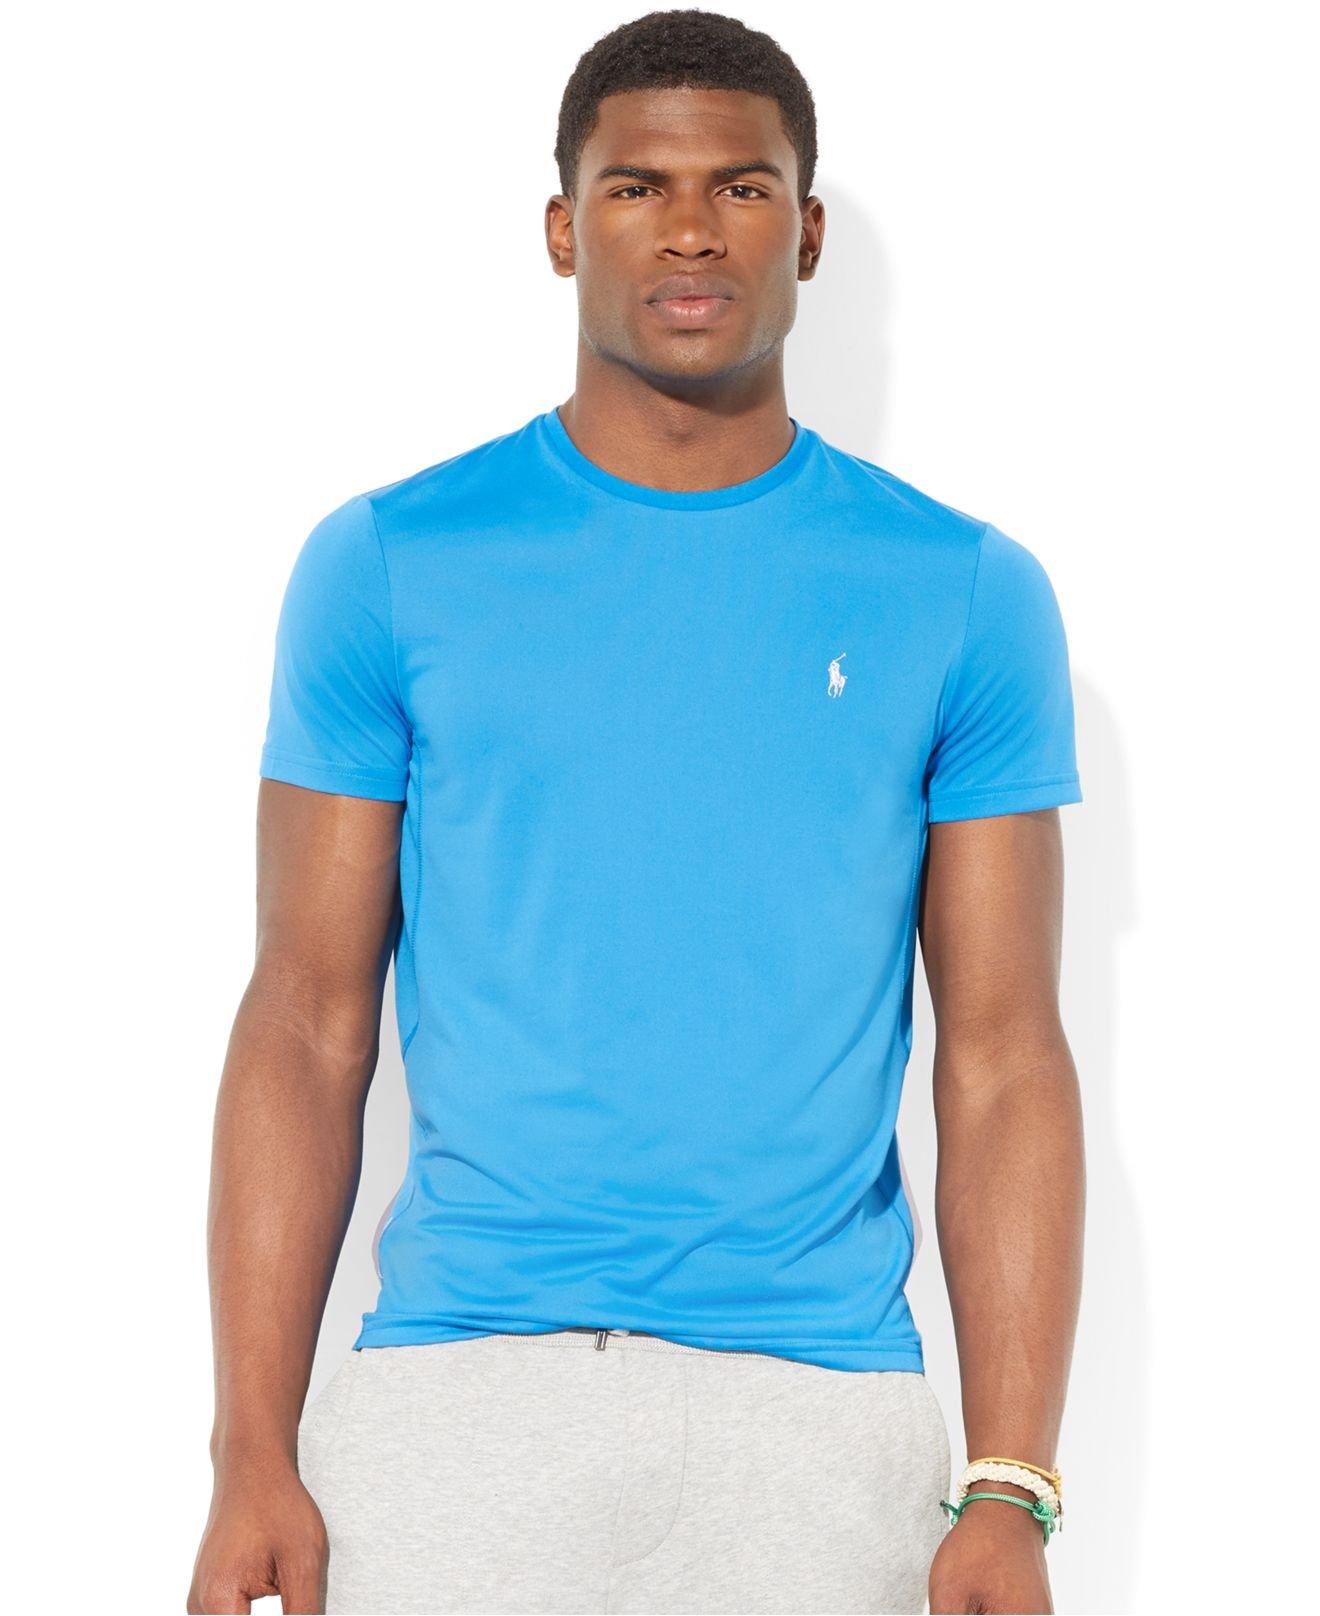 Polo ralph lauren jersey performance t shirt in blue for for Ralph lauren polo jersey shirt